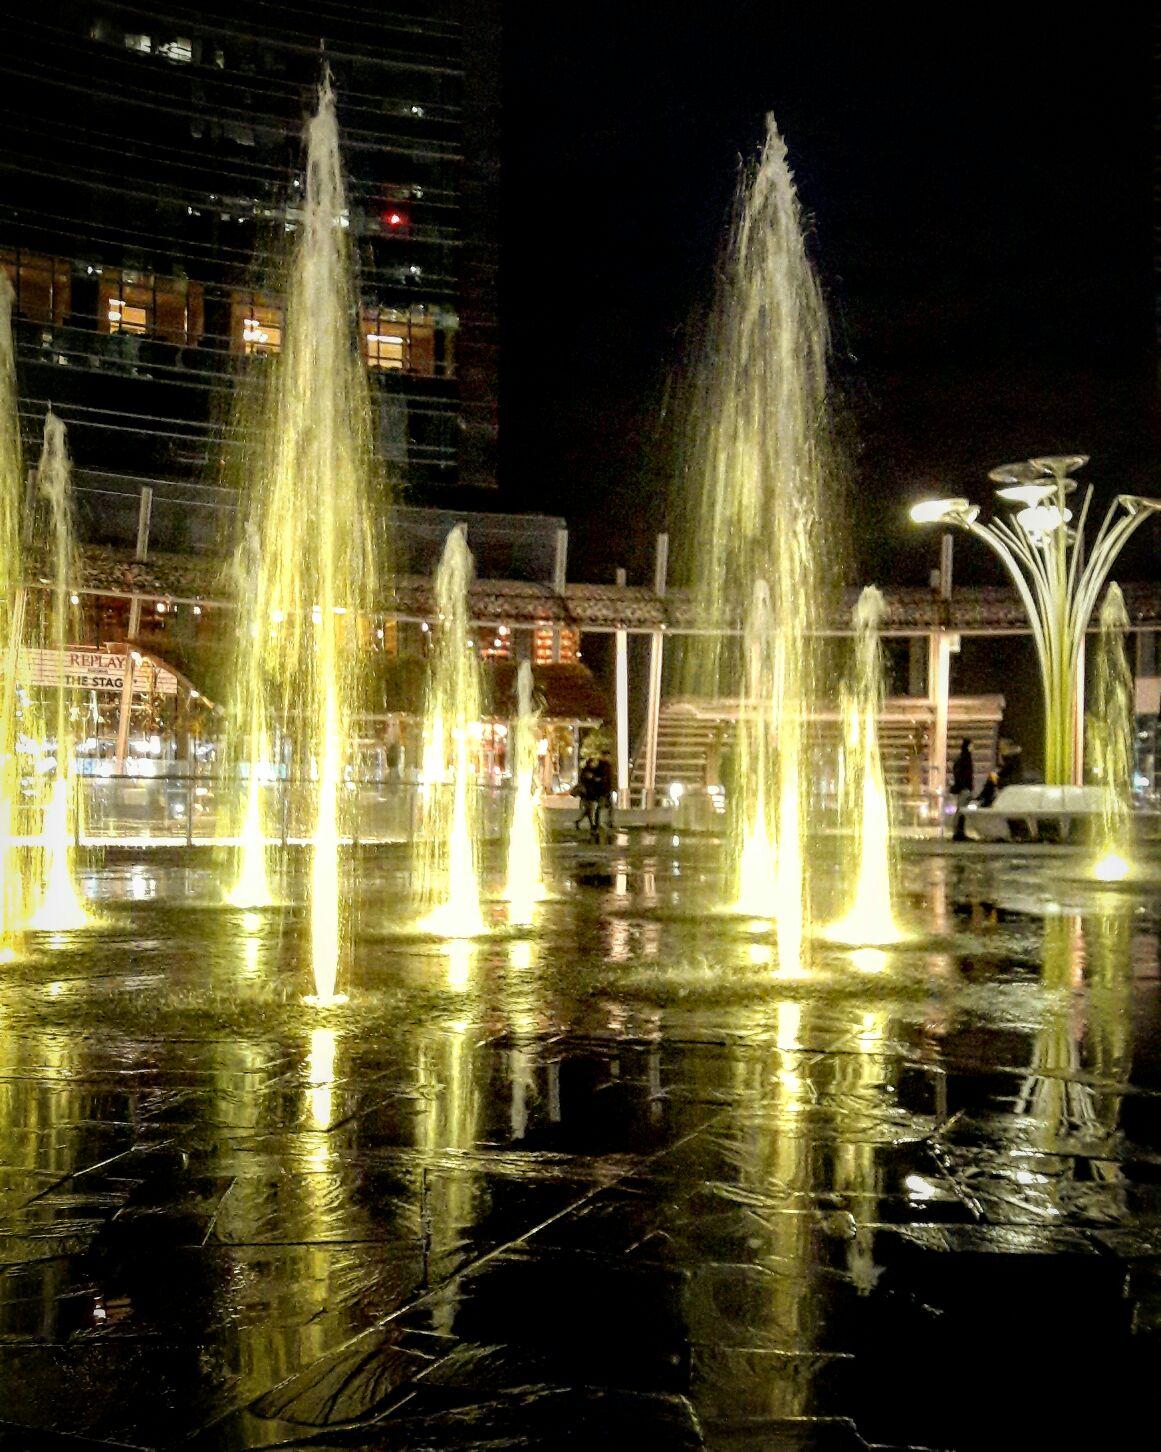 на площади Гае Ауленти - Взгляд на Милан в фотообъектив от Арины Карабановой